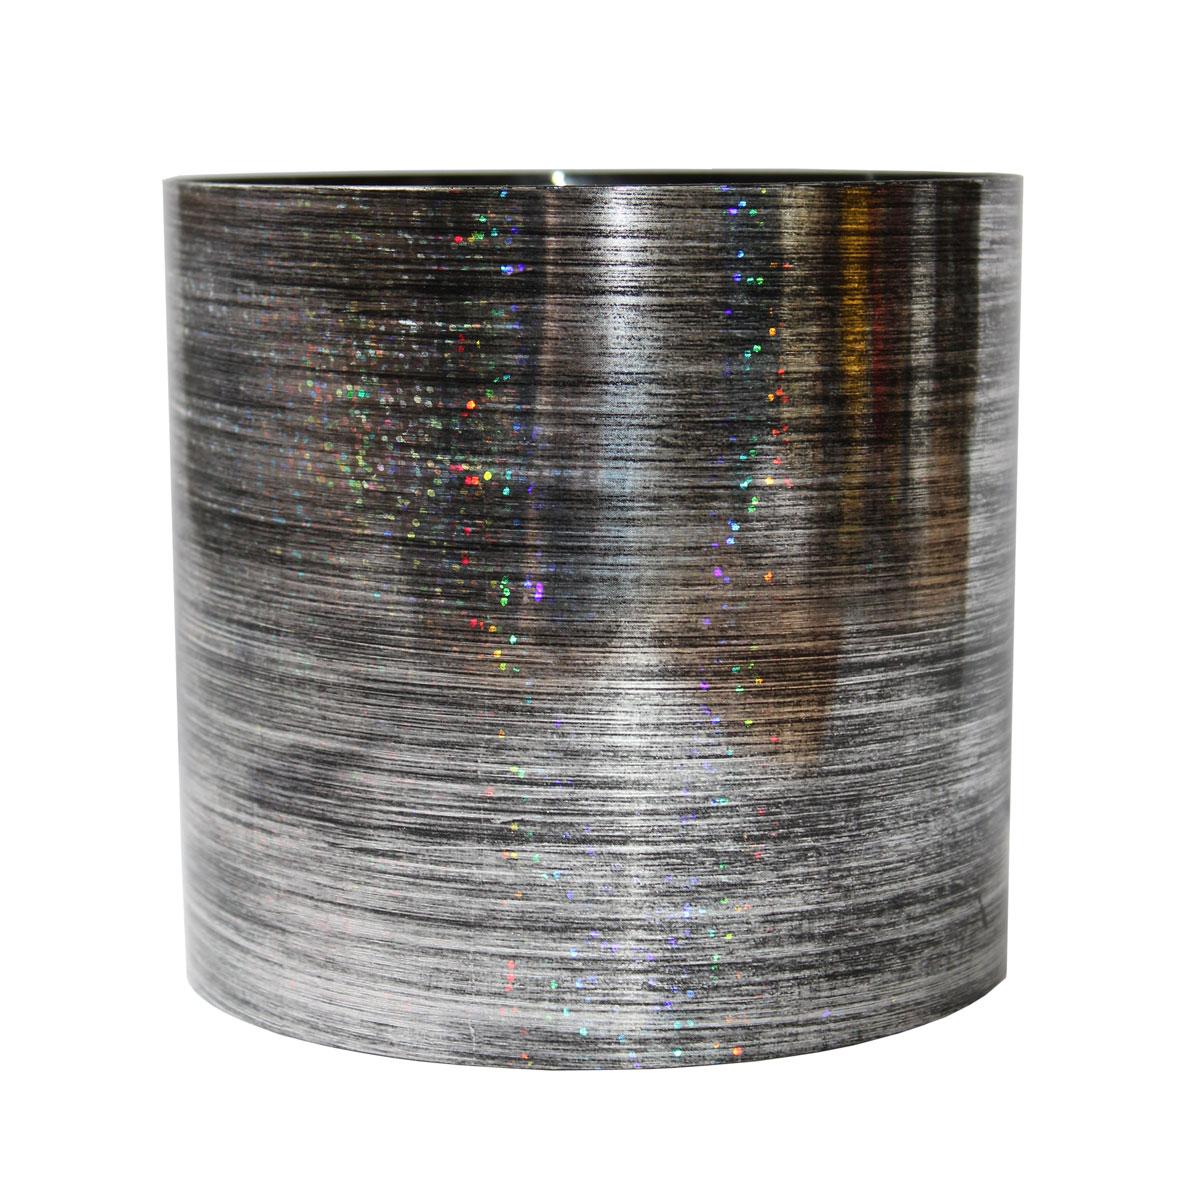 Горшок для цветов Miolla Серебро, со скрытым поддоном, 1,7 лSMG-44Горшок для цветов Miolla Серебро со скрытым поддоном выполнен из пластика. Диаметр горшка: 13,5 см. Высота горшка (с учетом поддона): 13,5 см. Объем горшка: 1,7 л.